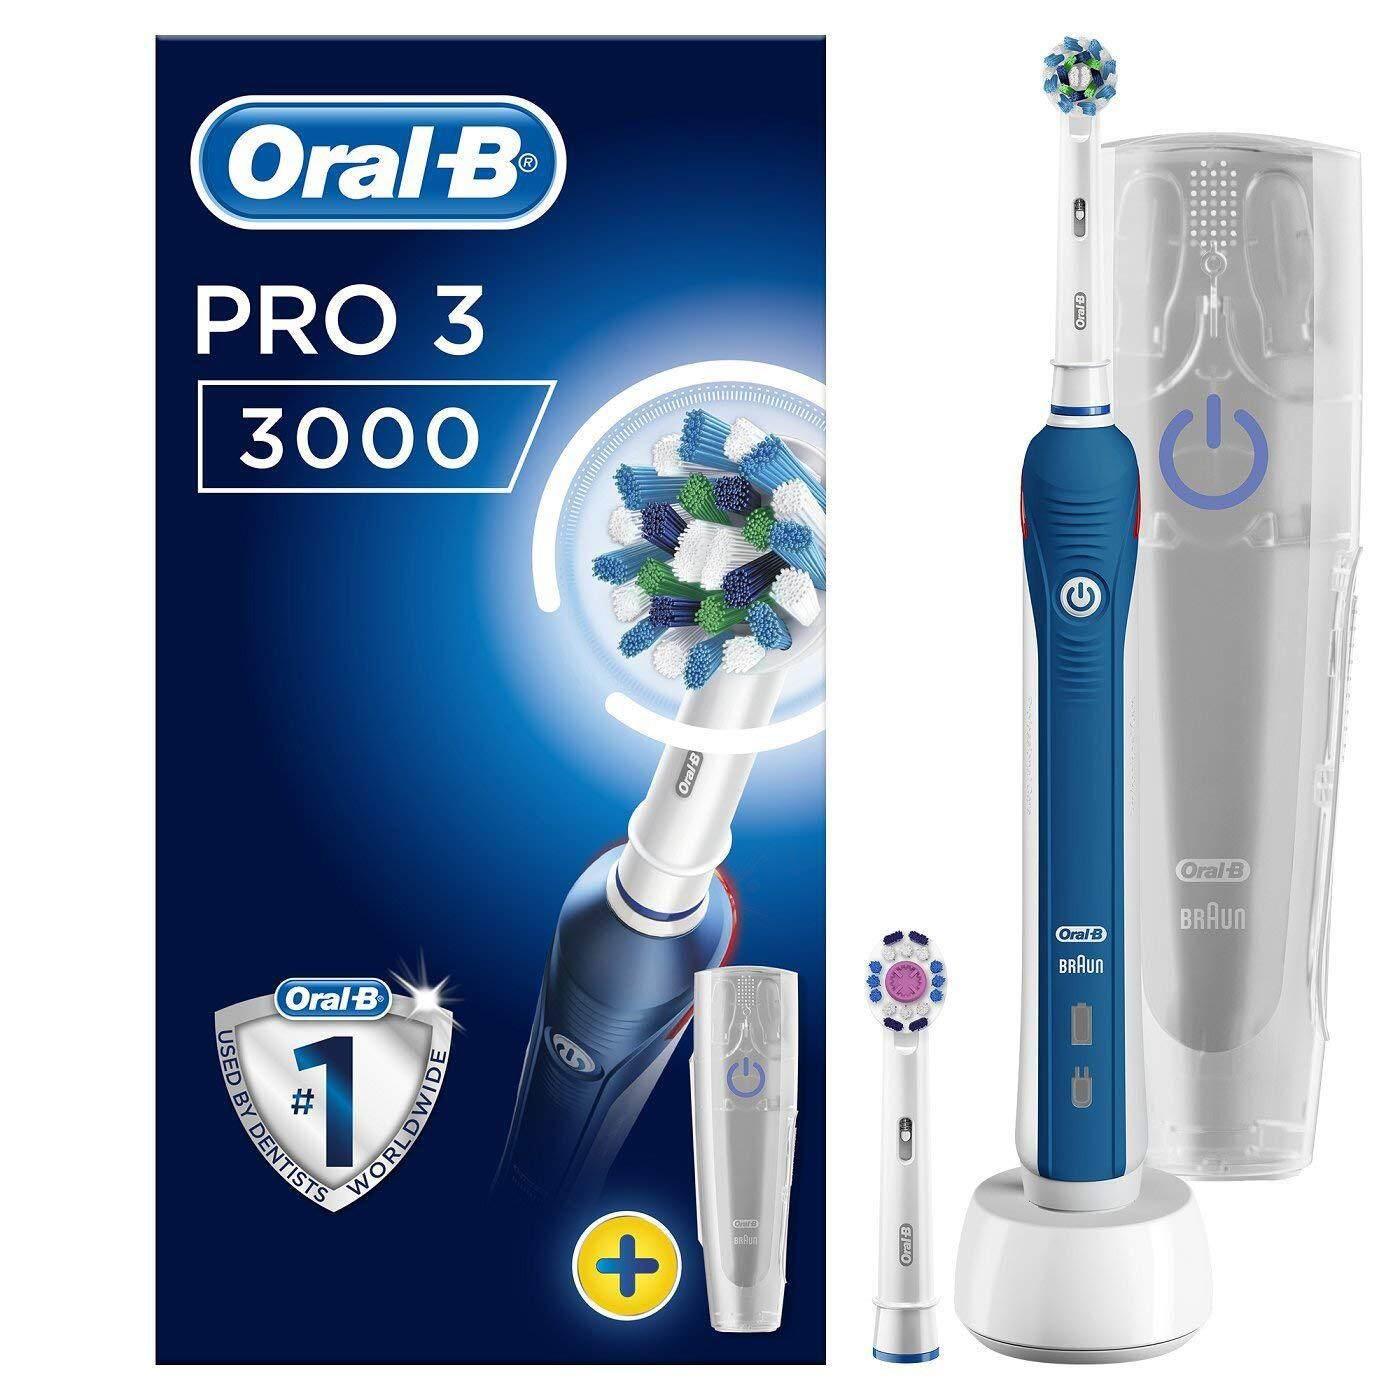 แปรงสีฟันไฟฟ้า ทำความสะอาดทุกซี่ฟันอย่างหมดจด เพชรบุรี Oral B Pro 3 3000 Cross Action Electric Rechargeable Toothbrush Powered by Braun